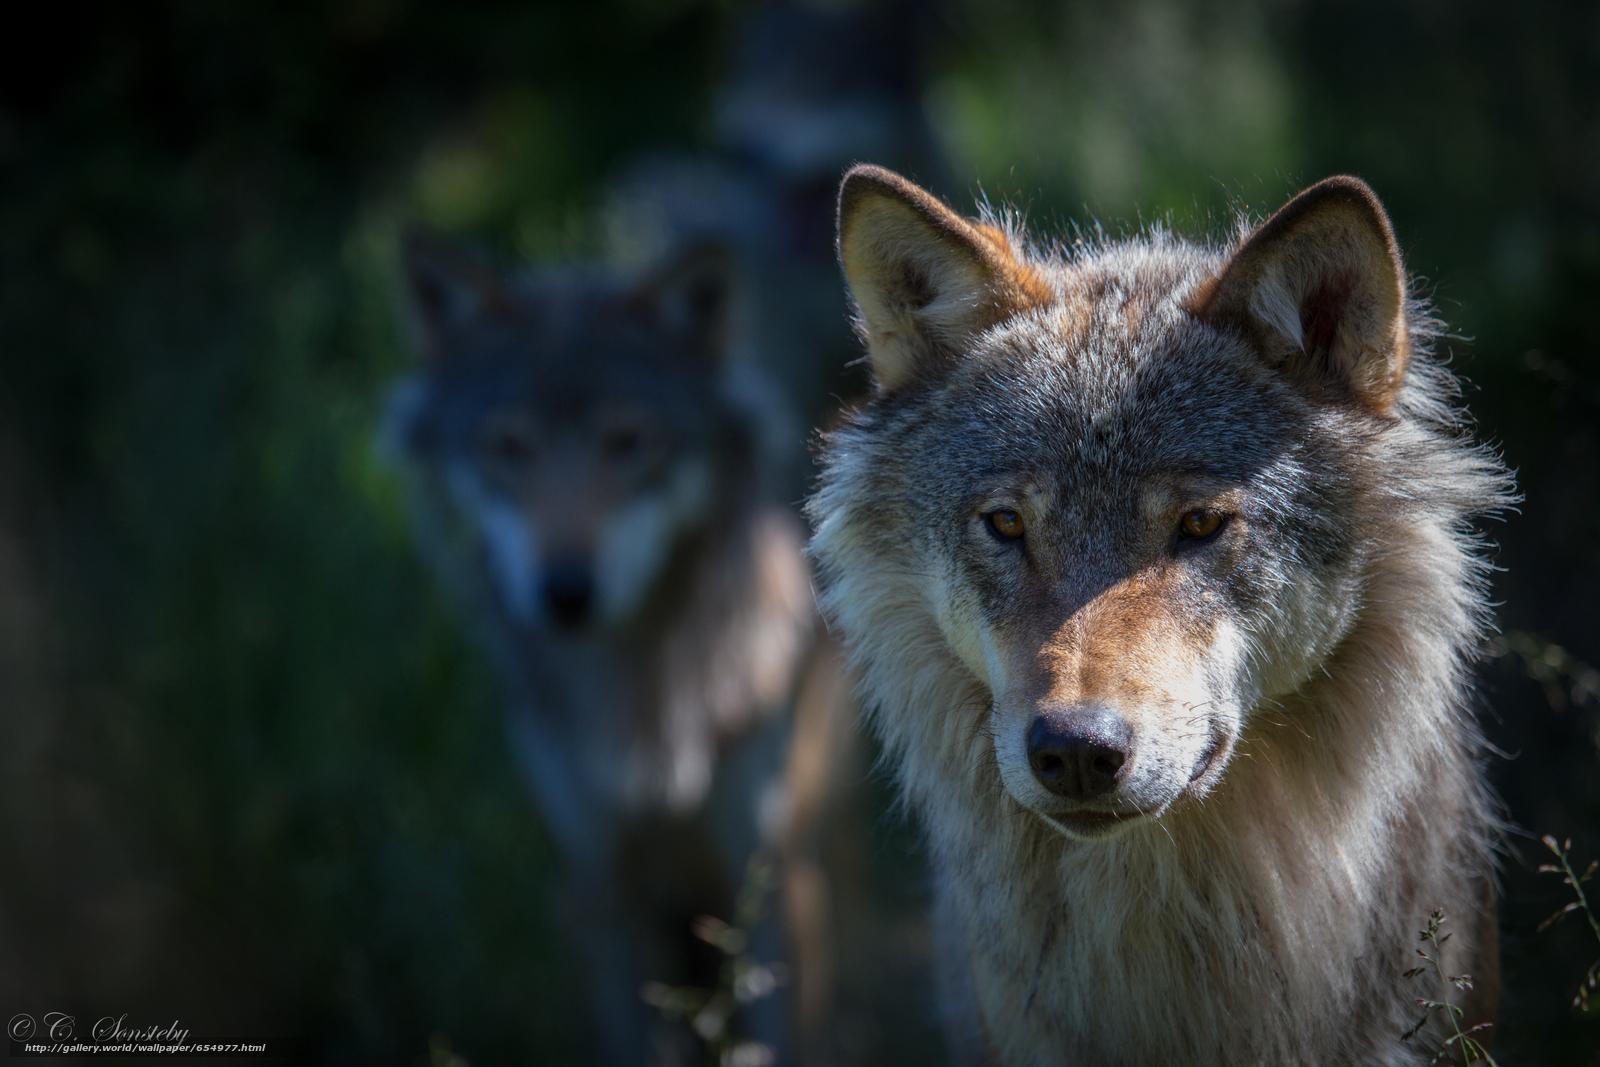 Tlcharger Fond d'ecran loup,  Wolves,  animaux,  hiver Fonds d'ecran gratuits pour votre rsolution du bureau 5760x3840 — image №654977